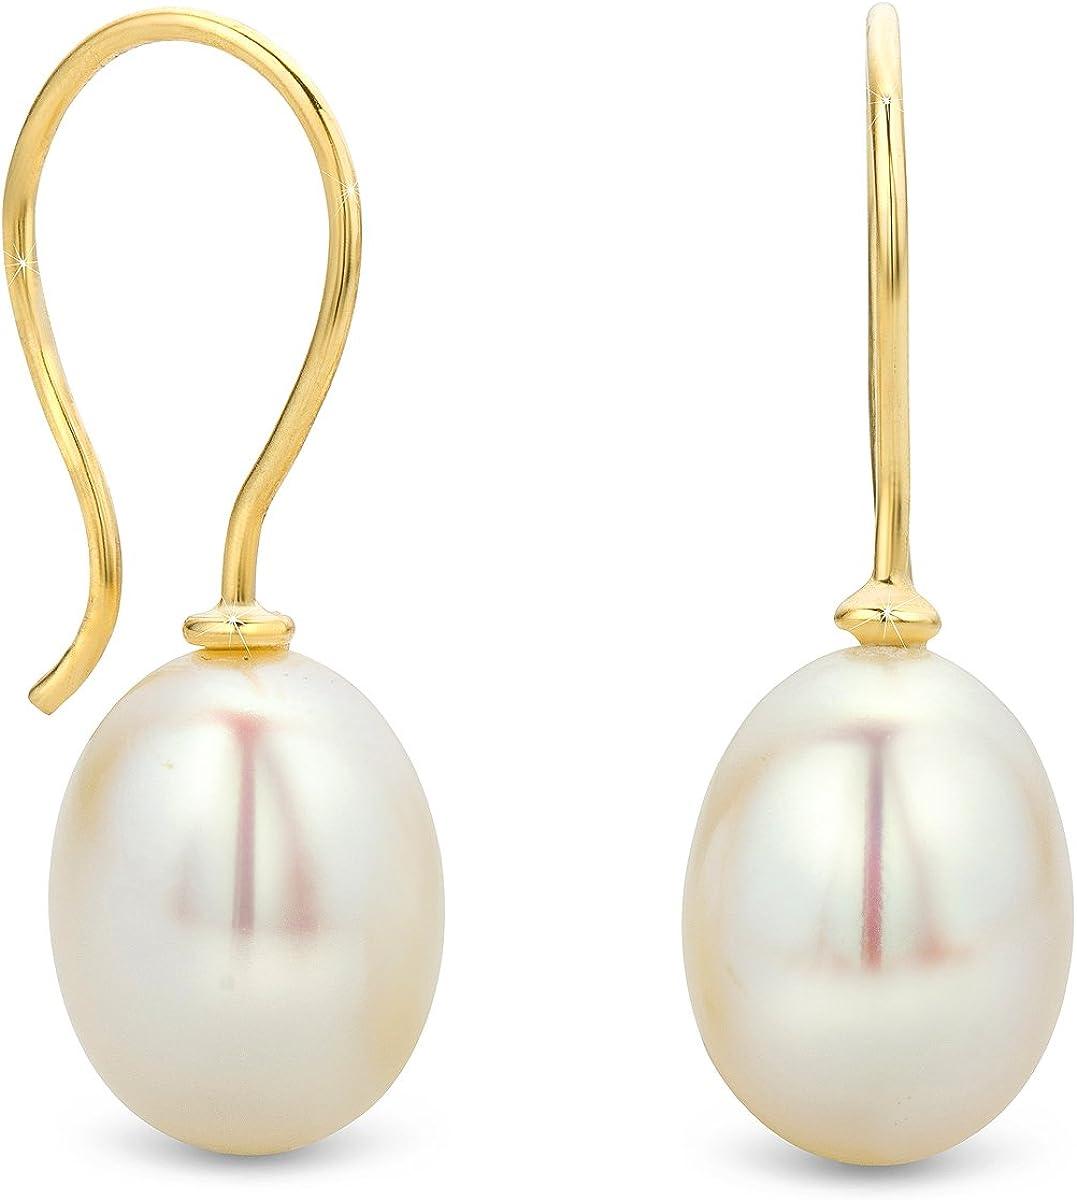 Orovi - Conjunto de pendientes de perlas para mujer, joya de oro amarillo de 14 quilates (585)